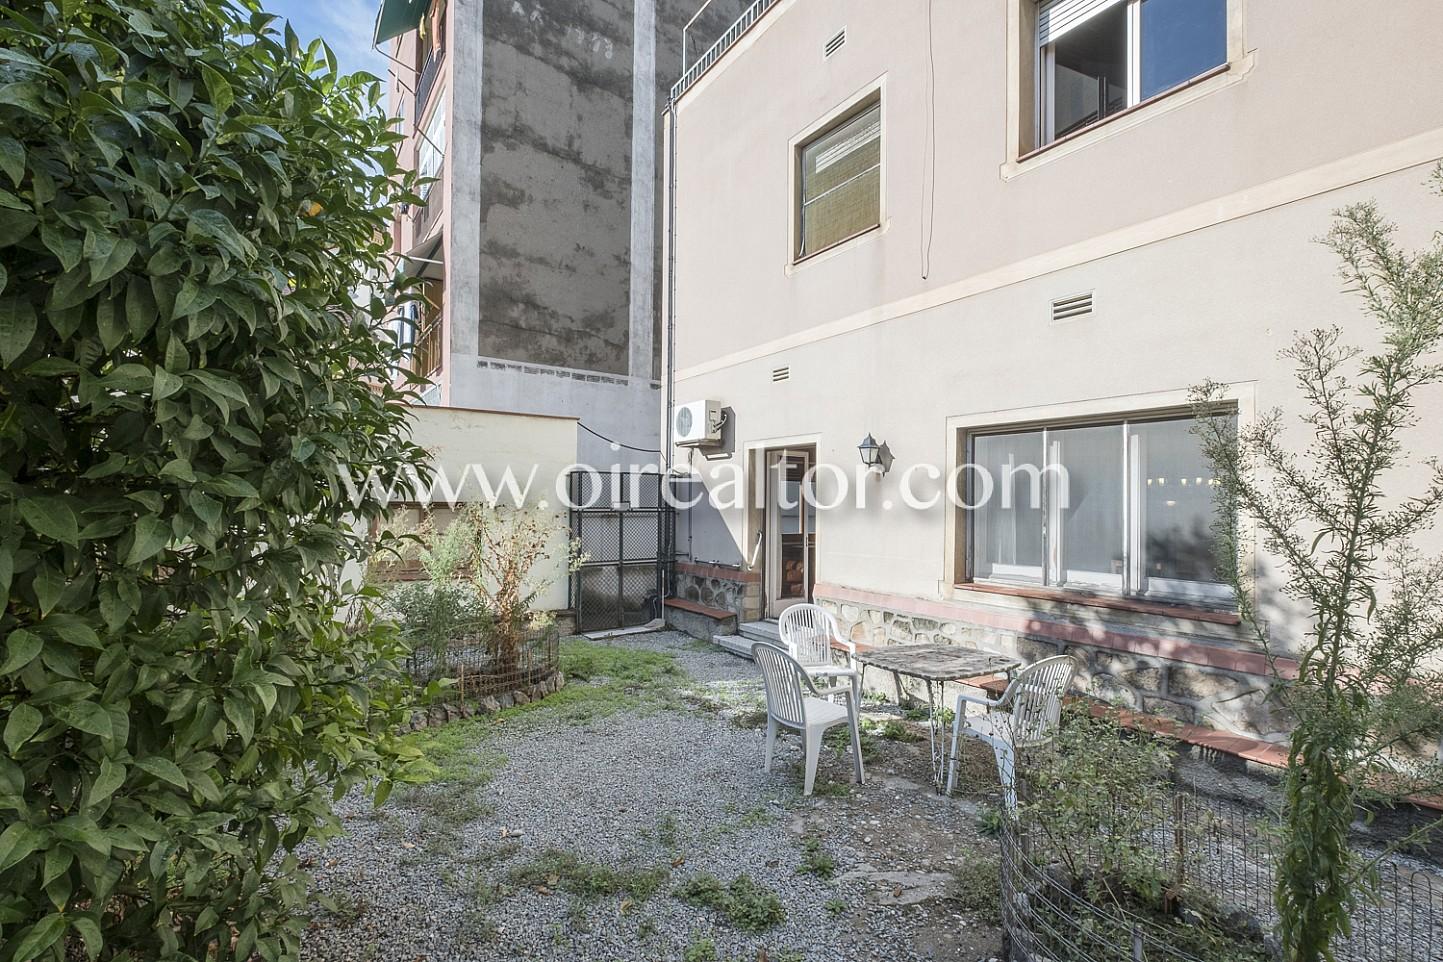 patio, jardín, mesa con sillas, aire libre, comidas y cenas, luz, sol, solárium, soleado, luminoso